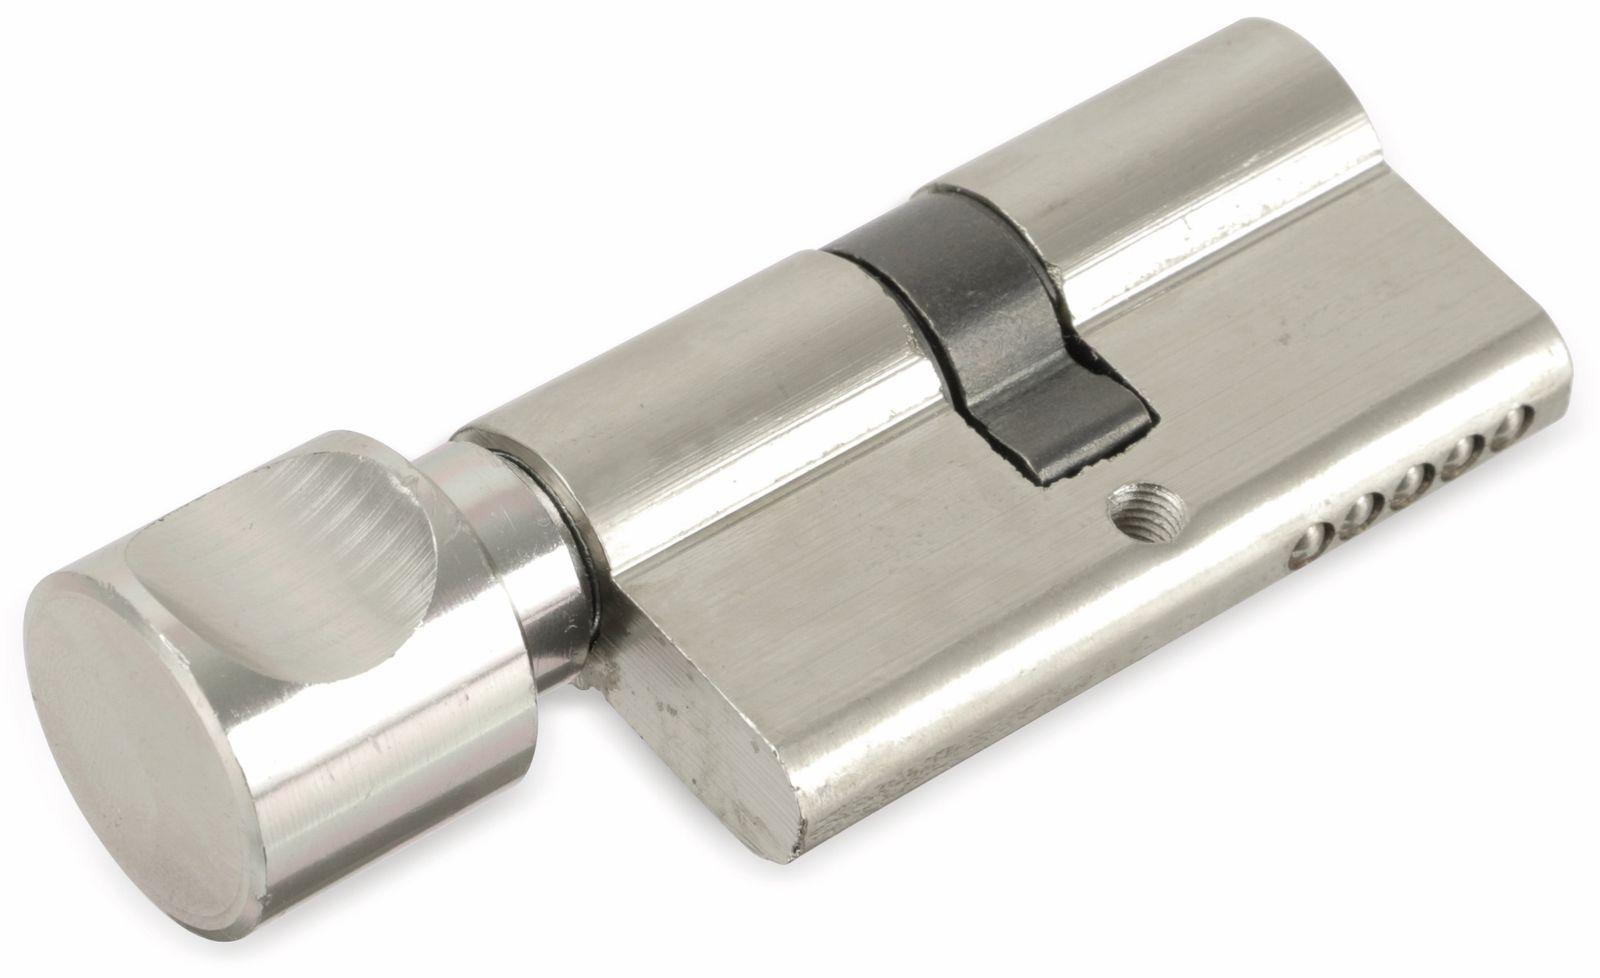 sicherheits schlie zylinder mit knauf masterproof 1016 pjxy 60 mm ebay. Black Bedroom Furniture Sets. Home Design Ideas